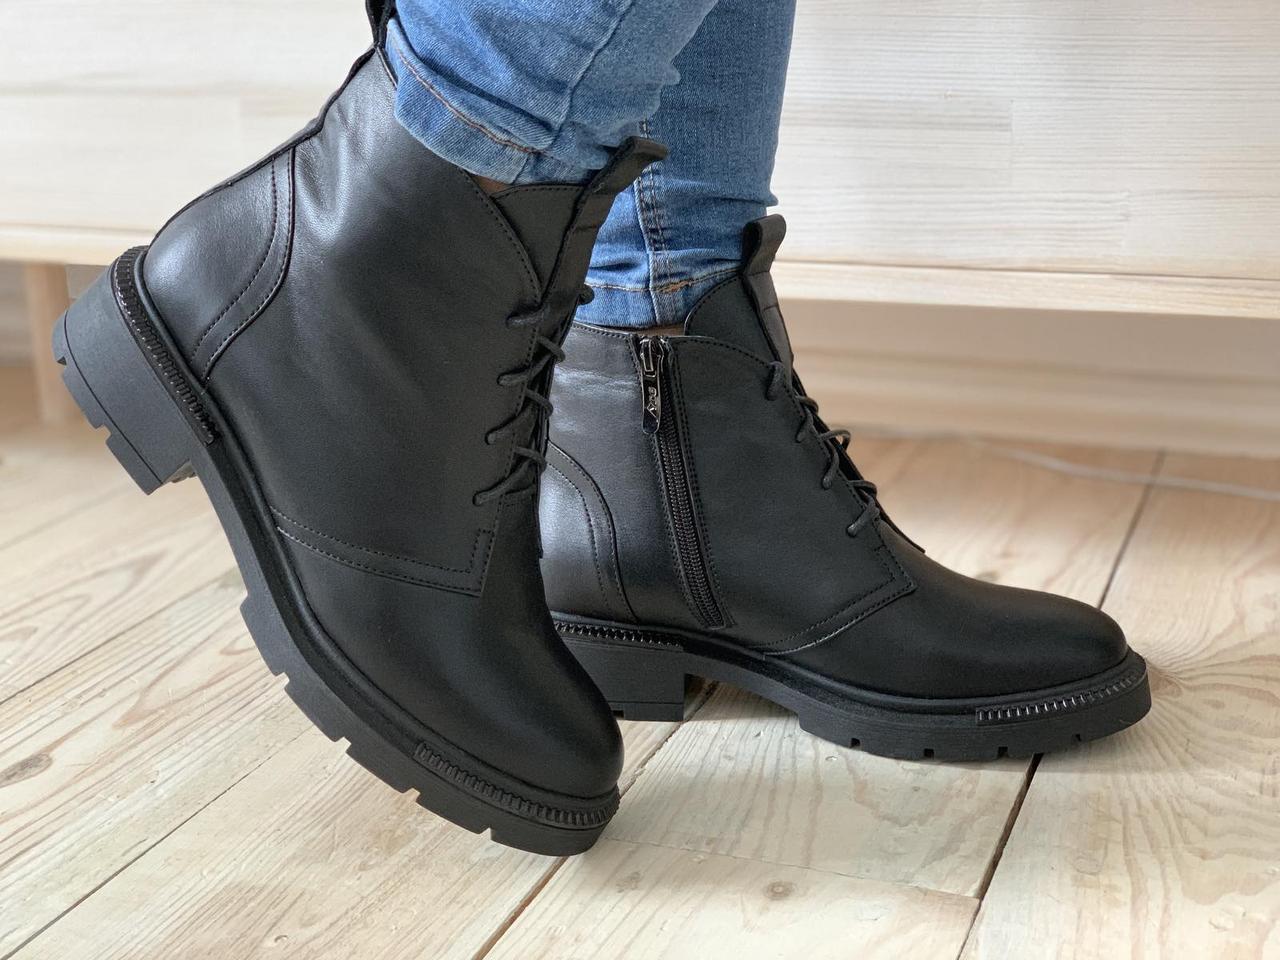 Черевики жіночі шкіряні чорні на шнурках